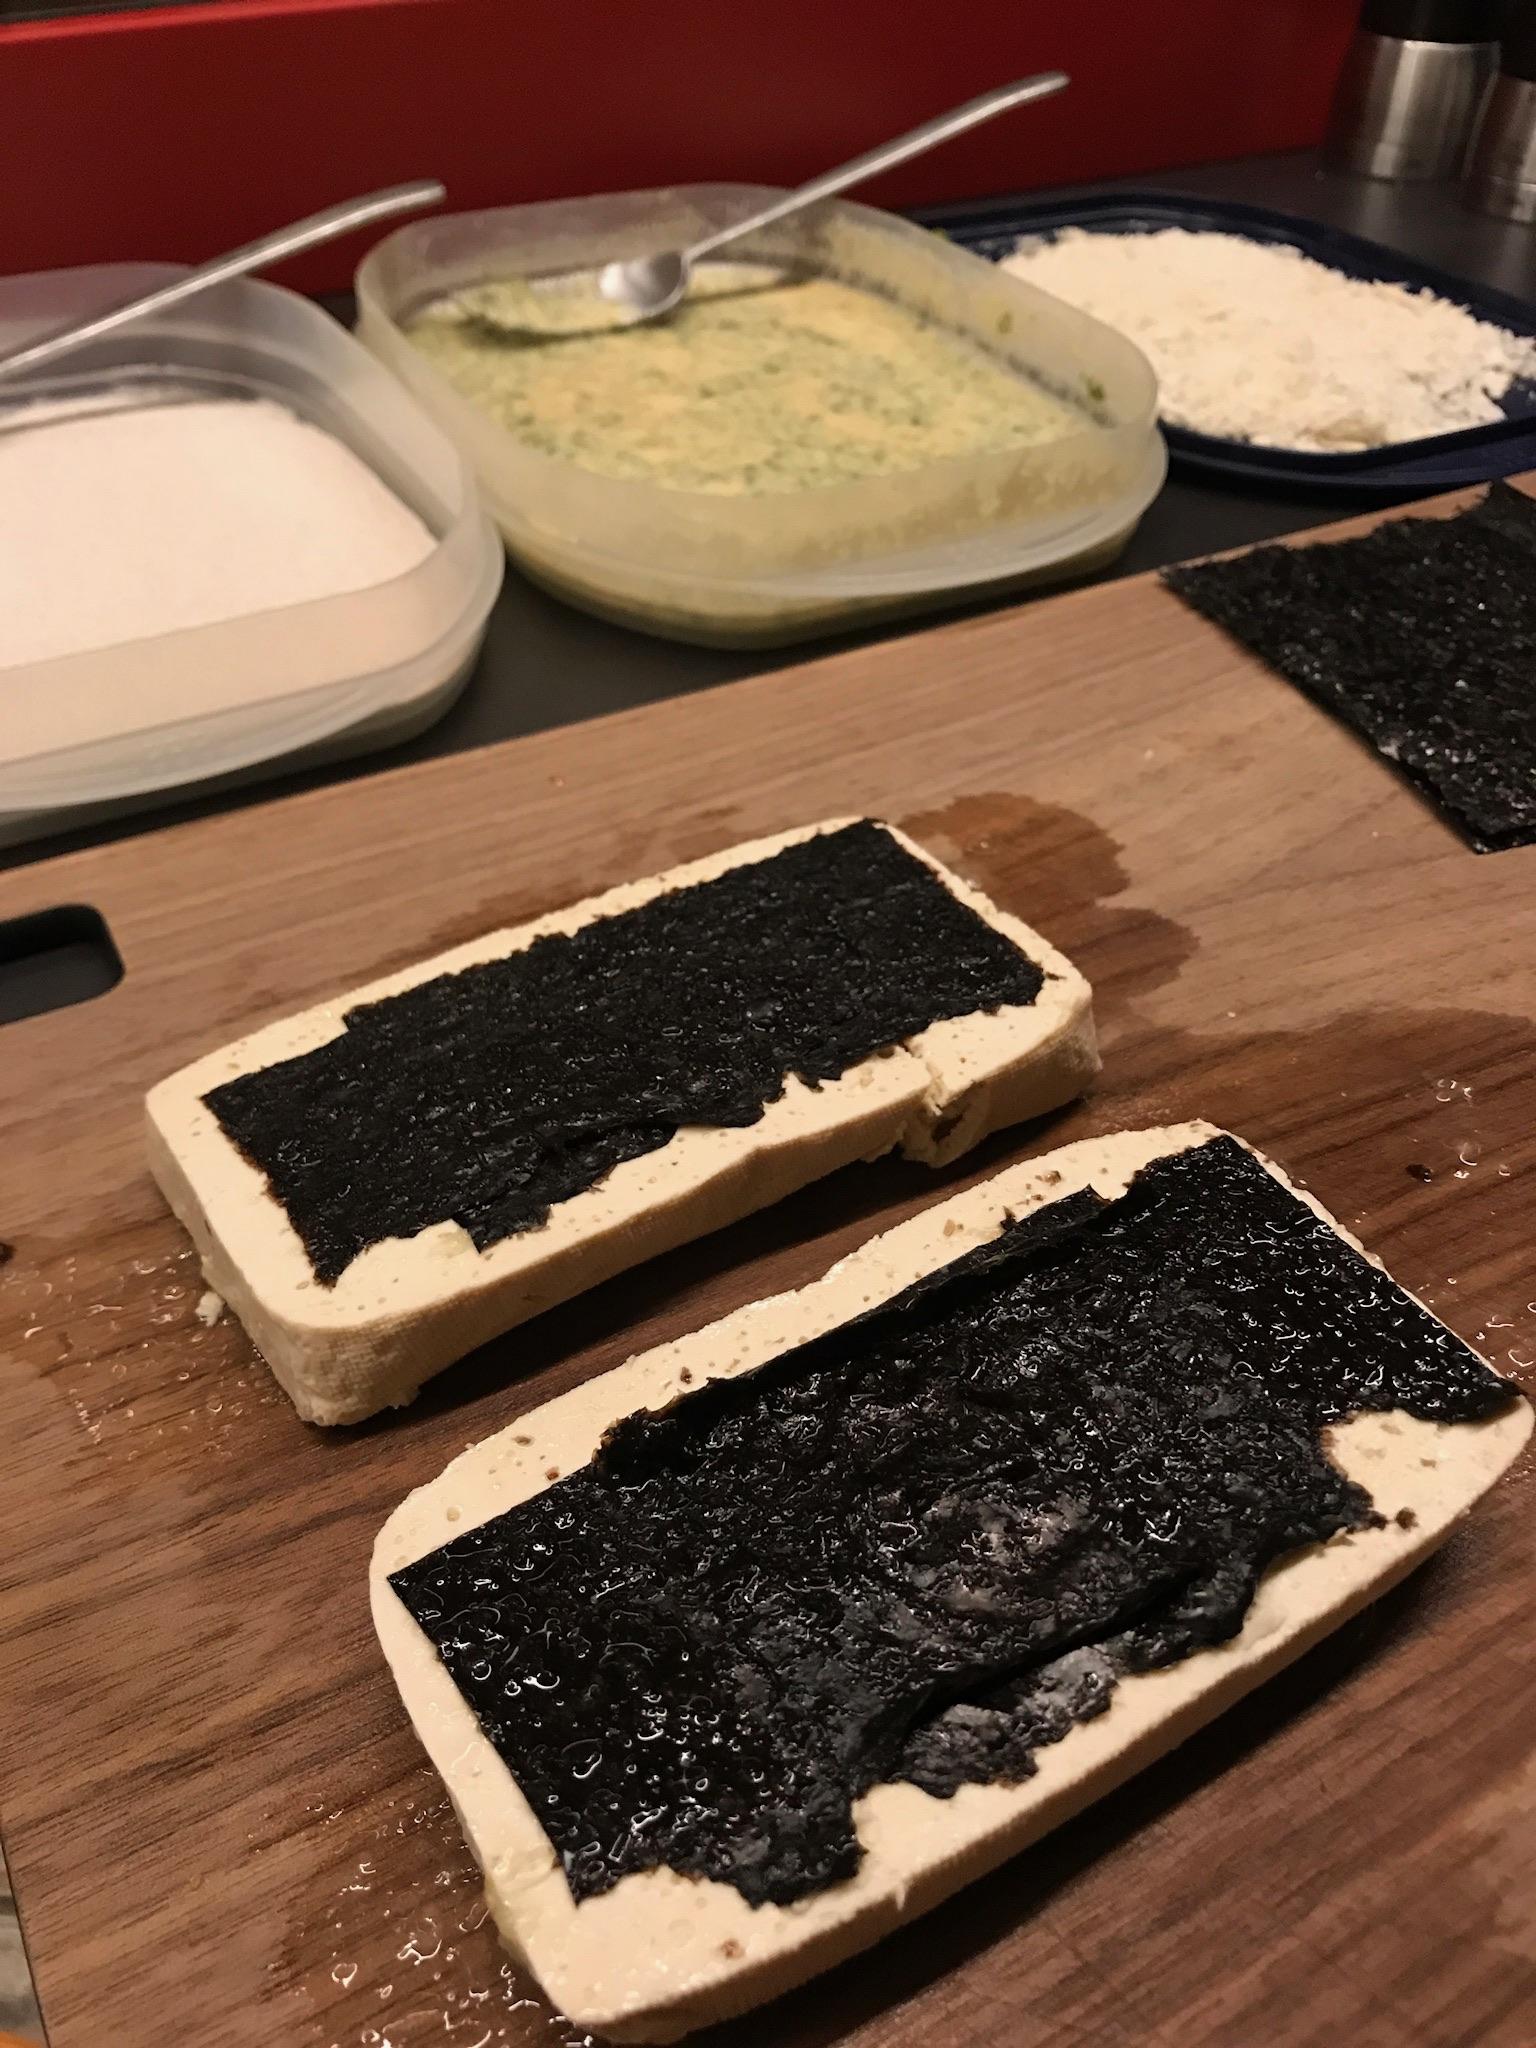 geperste tofu met nori